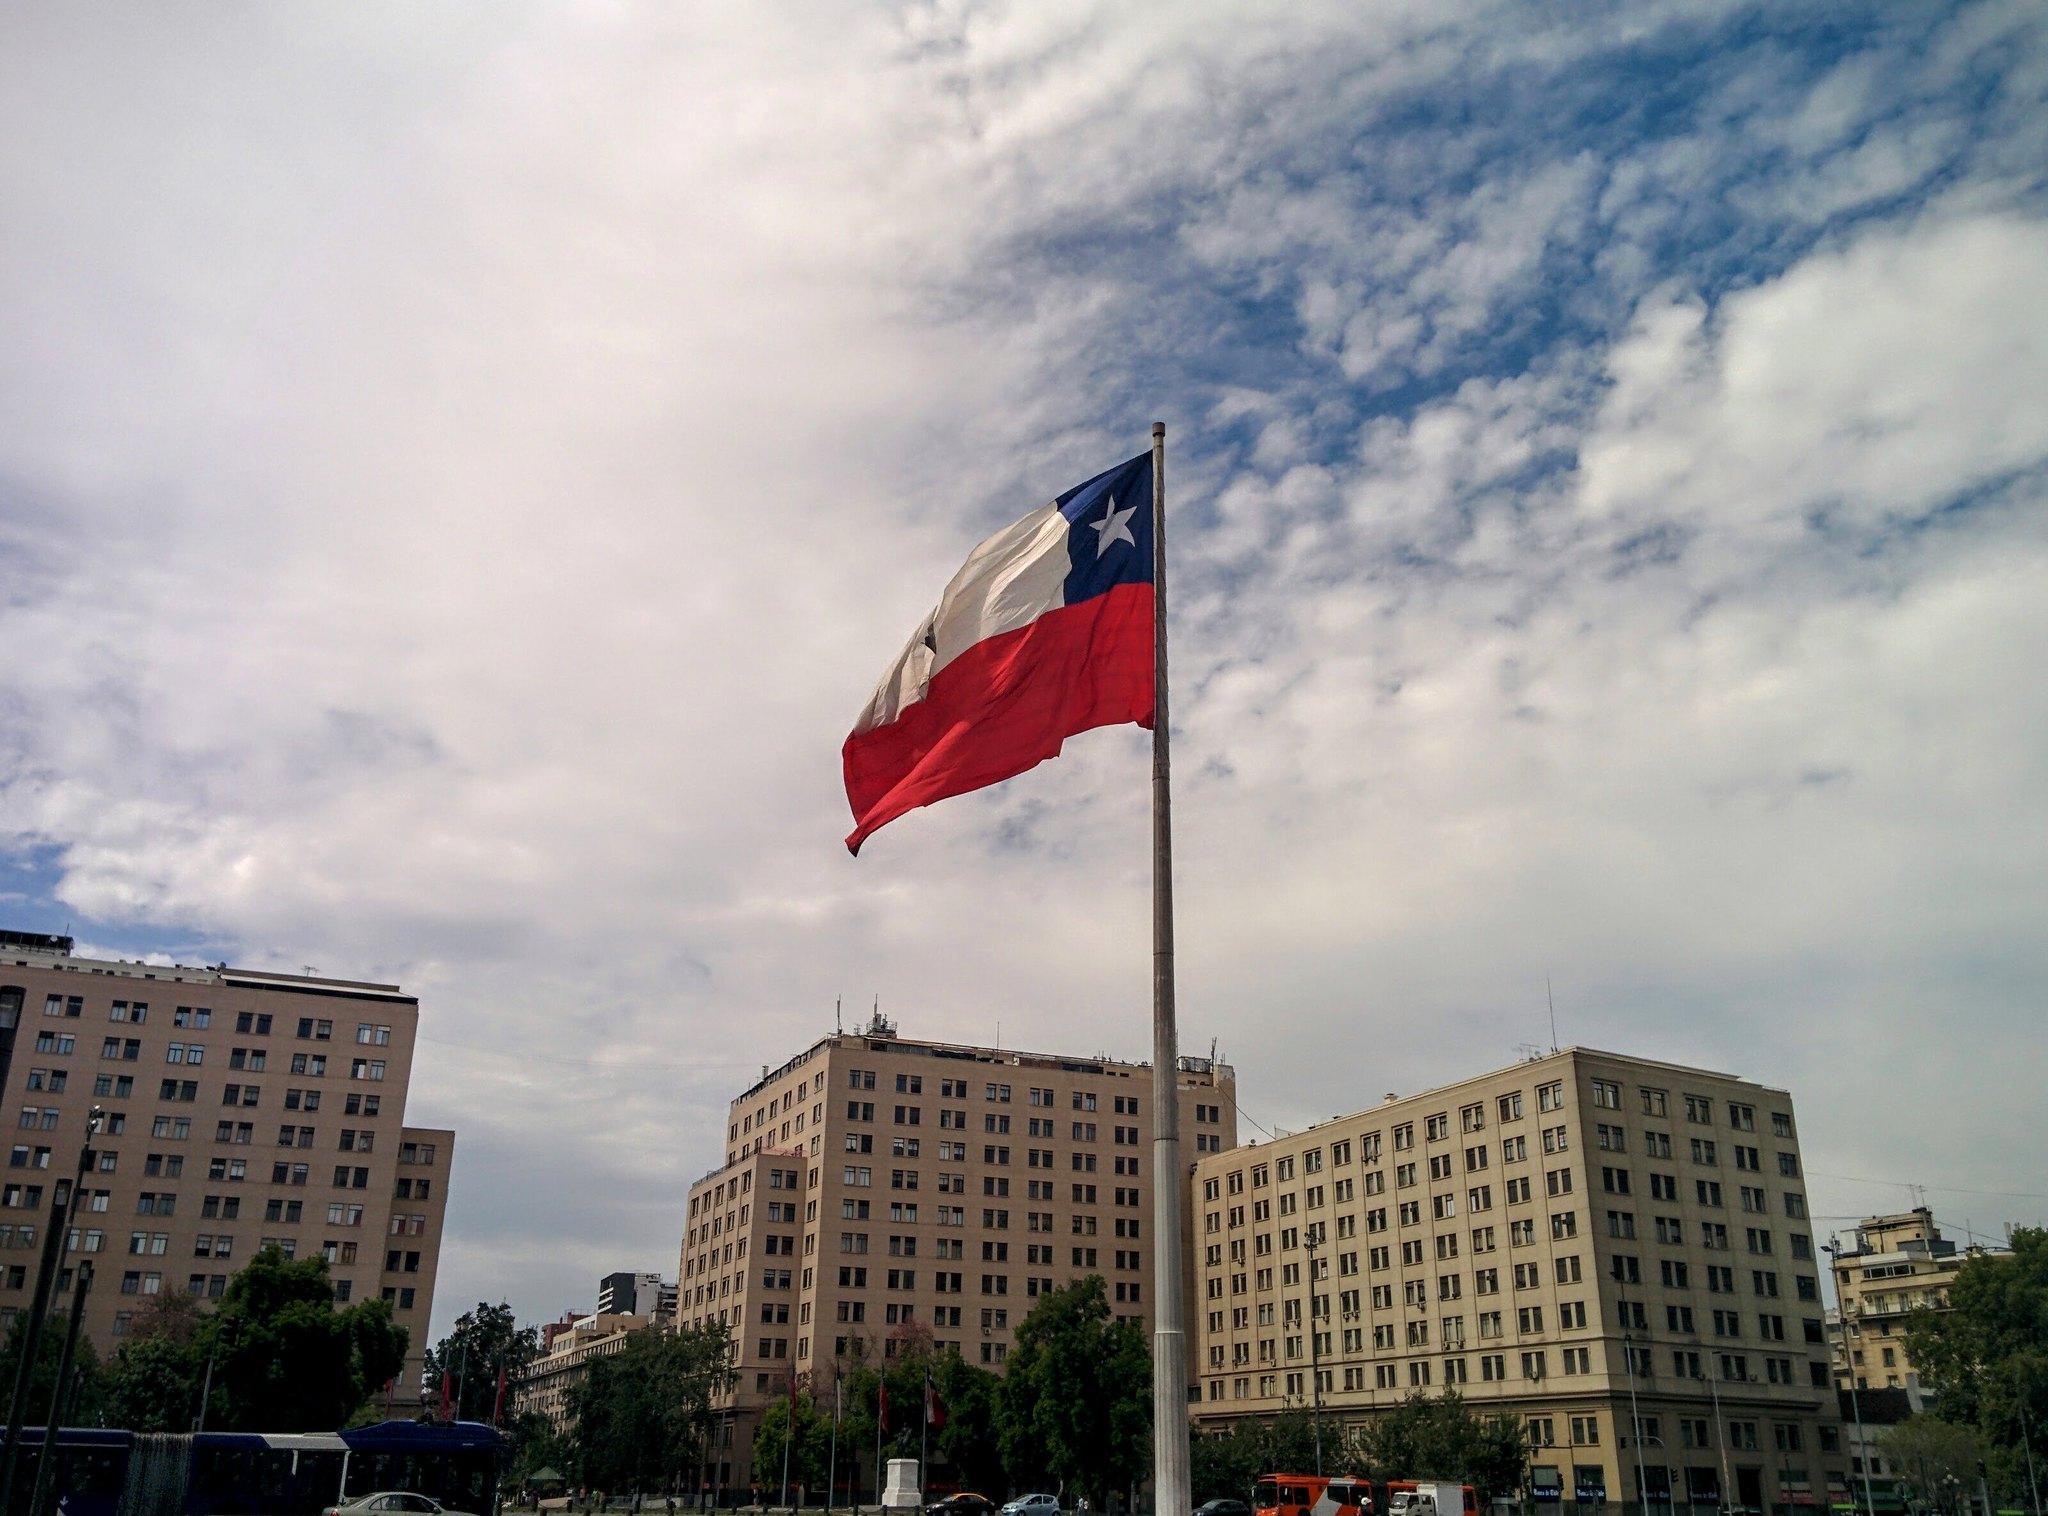 The Chilean flag outside La Moneda in Santiago